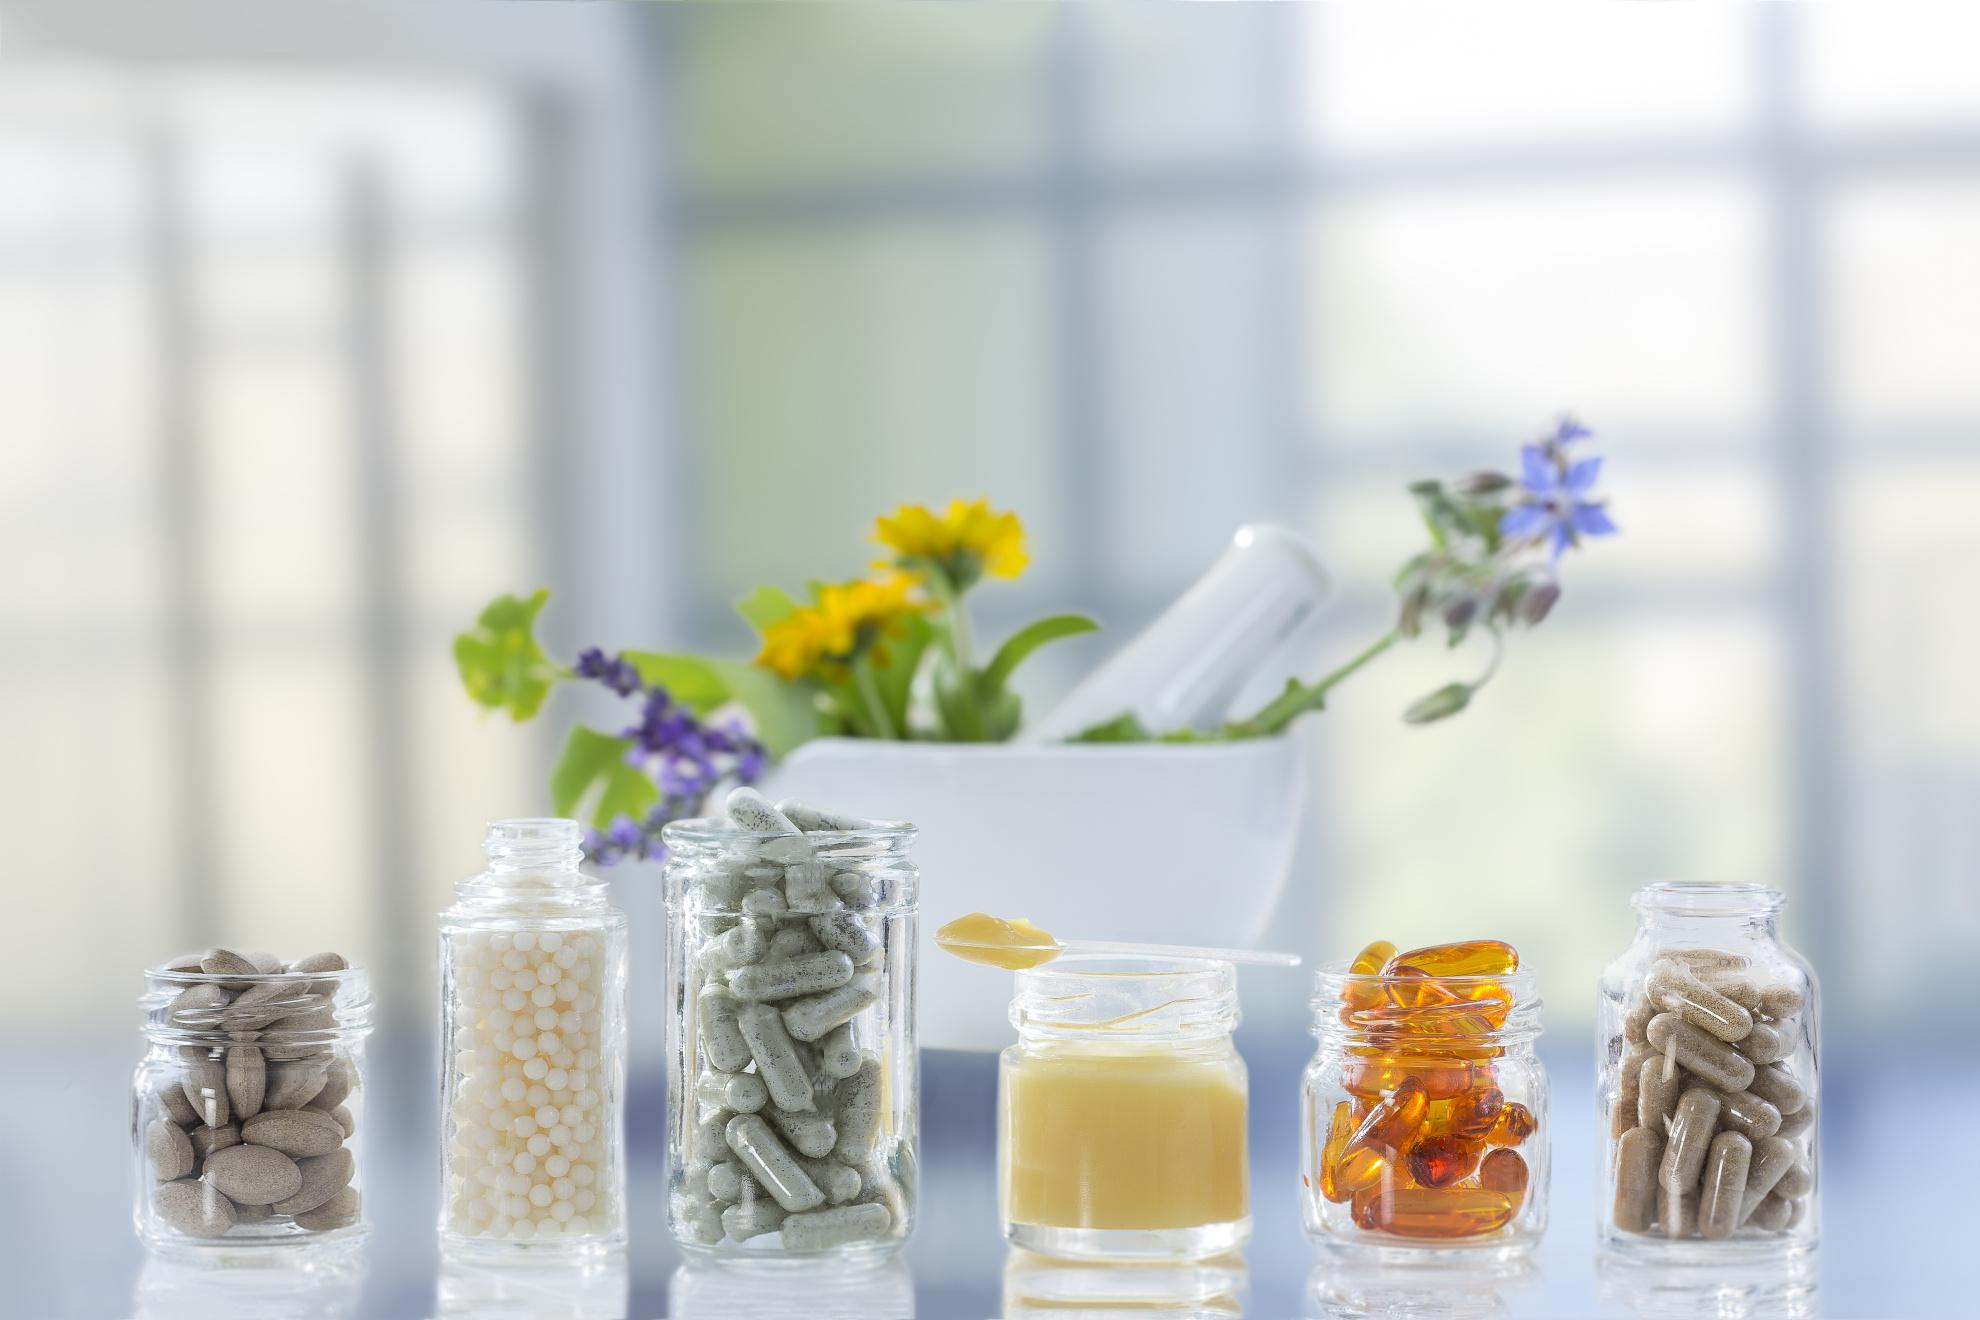 Prodotti naturali per l'integrazione alimentare umana